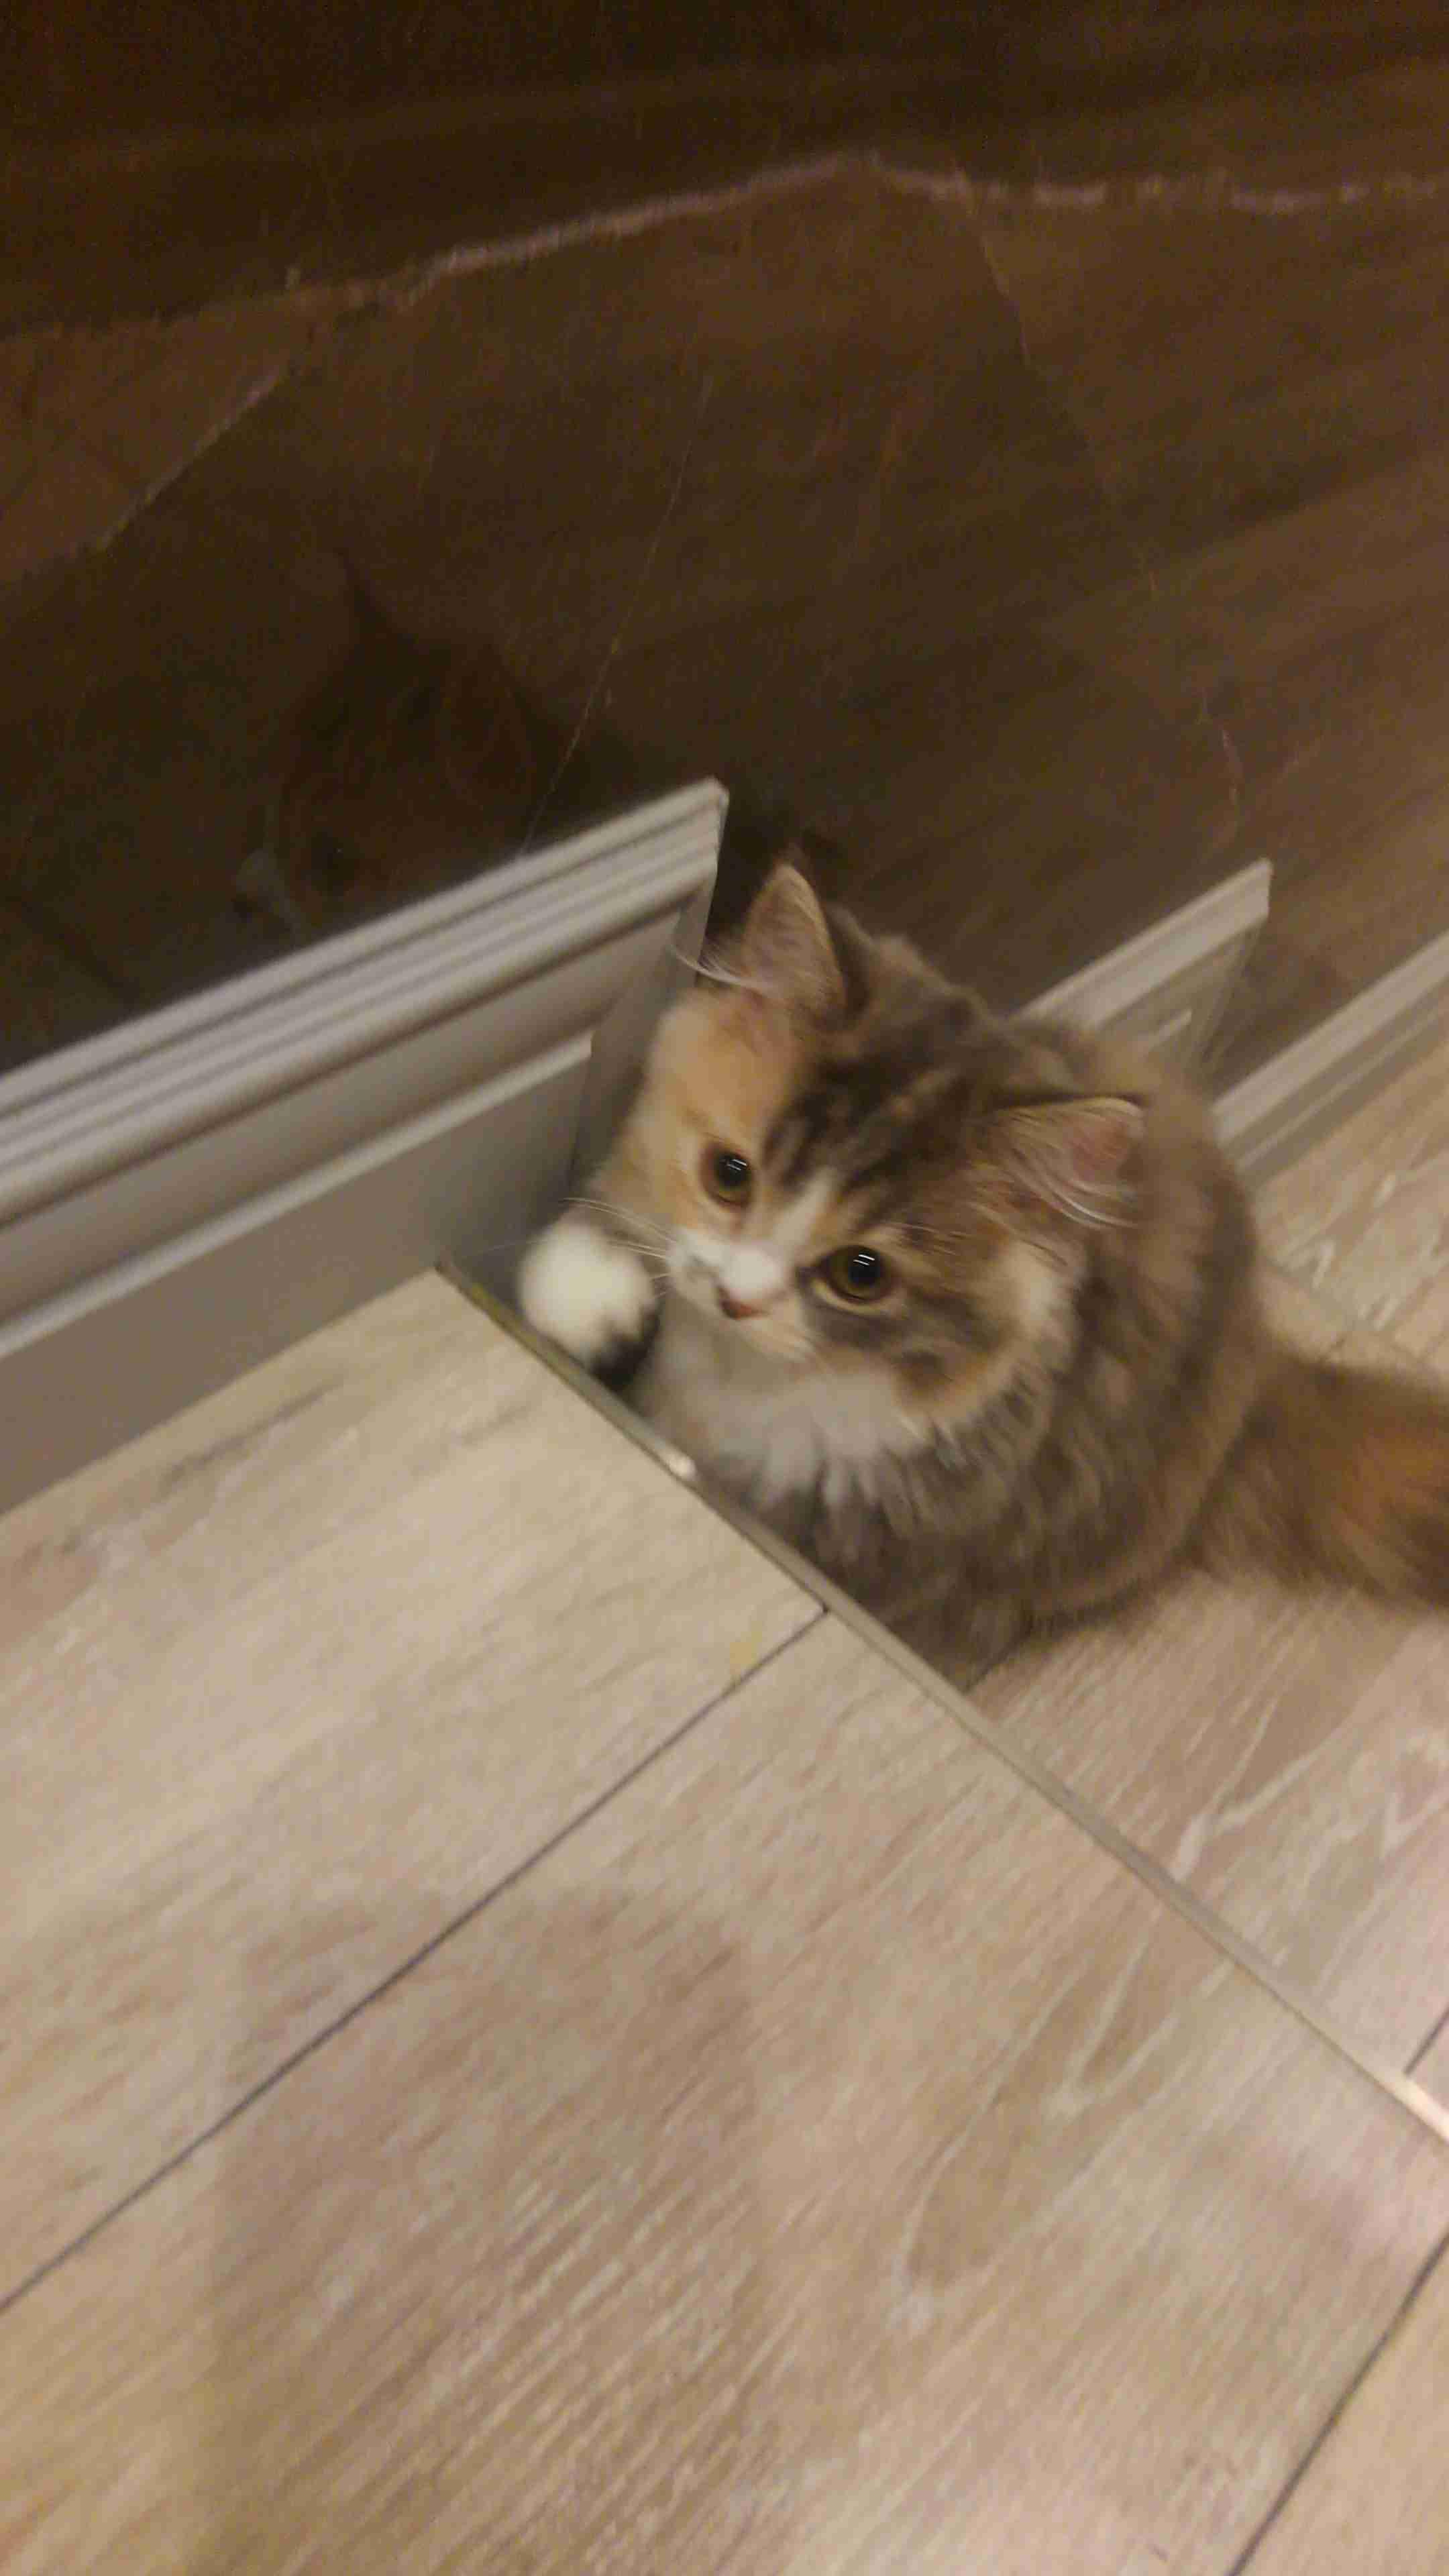 立川の猫カフェが臨時休業 ネットにはパルボウイルス感染との告発も 店に真偽を確認するも「わかる者がいない」